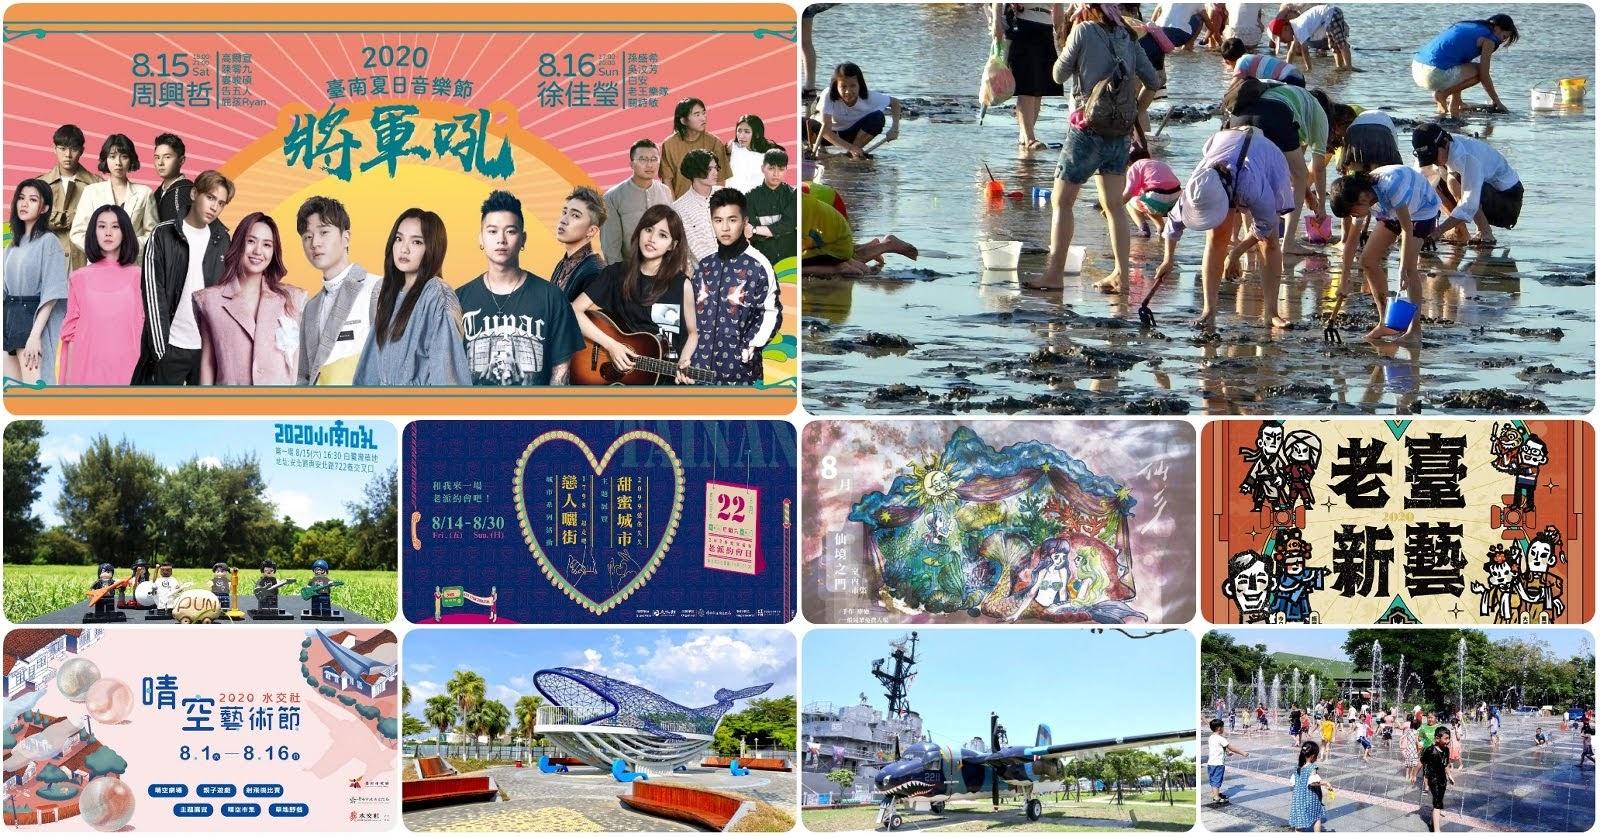 [活動] 2020/8/15-/8/17|台南週末活動整理|本週末活動數:102